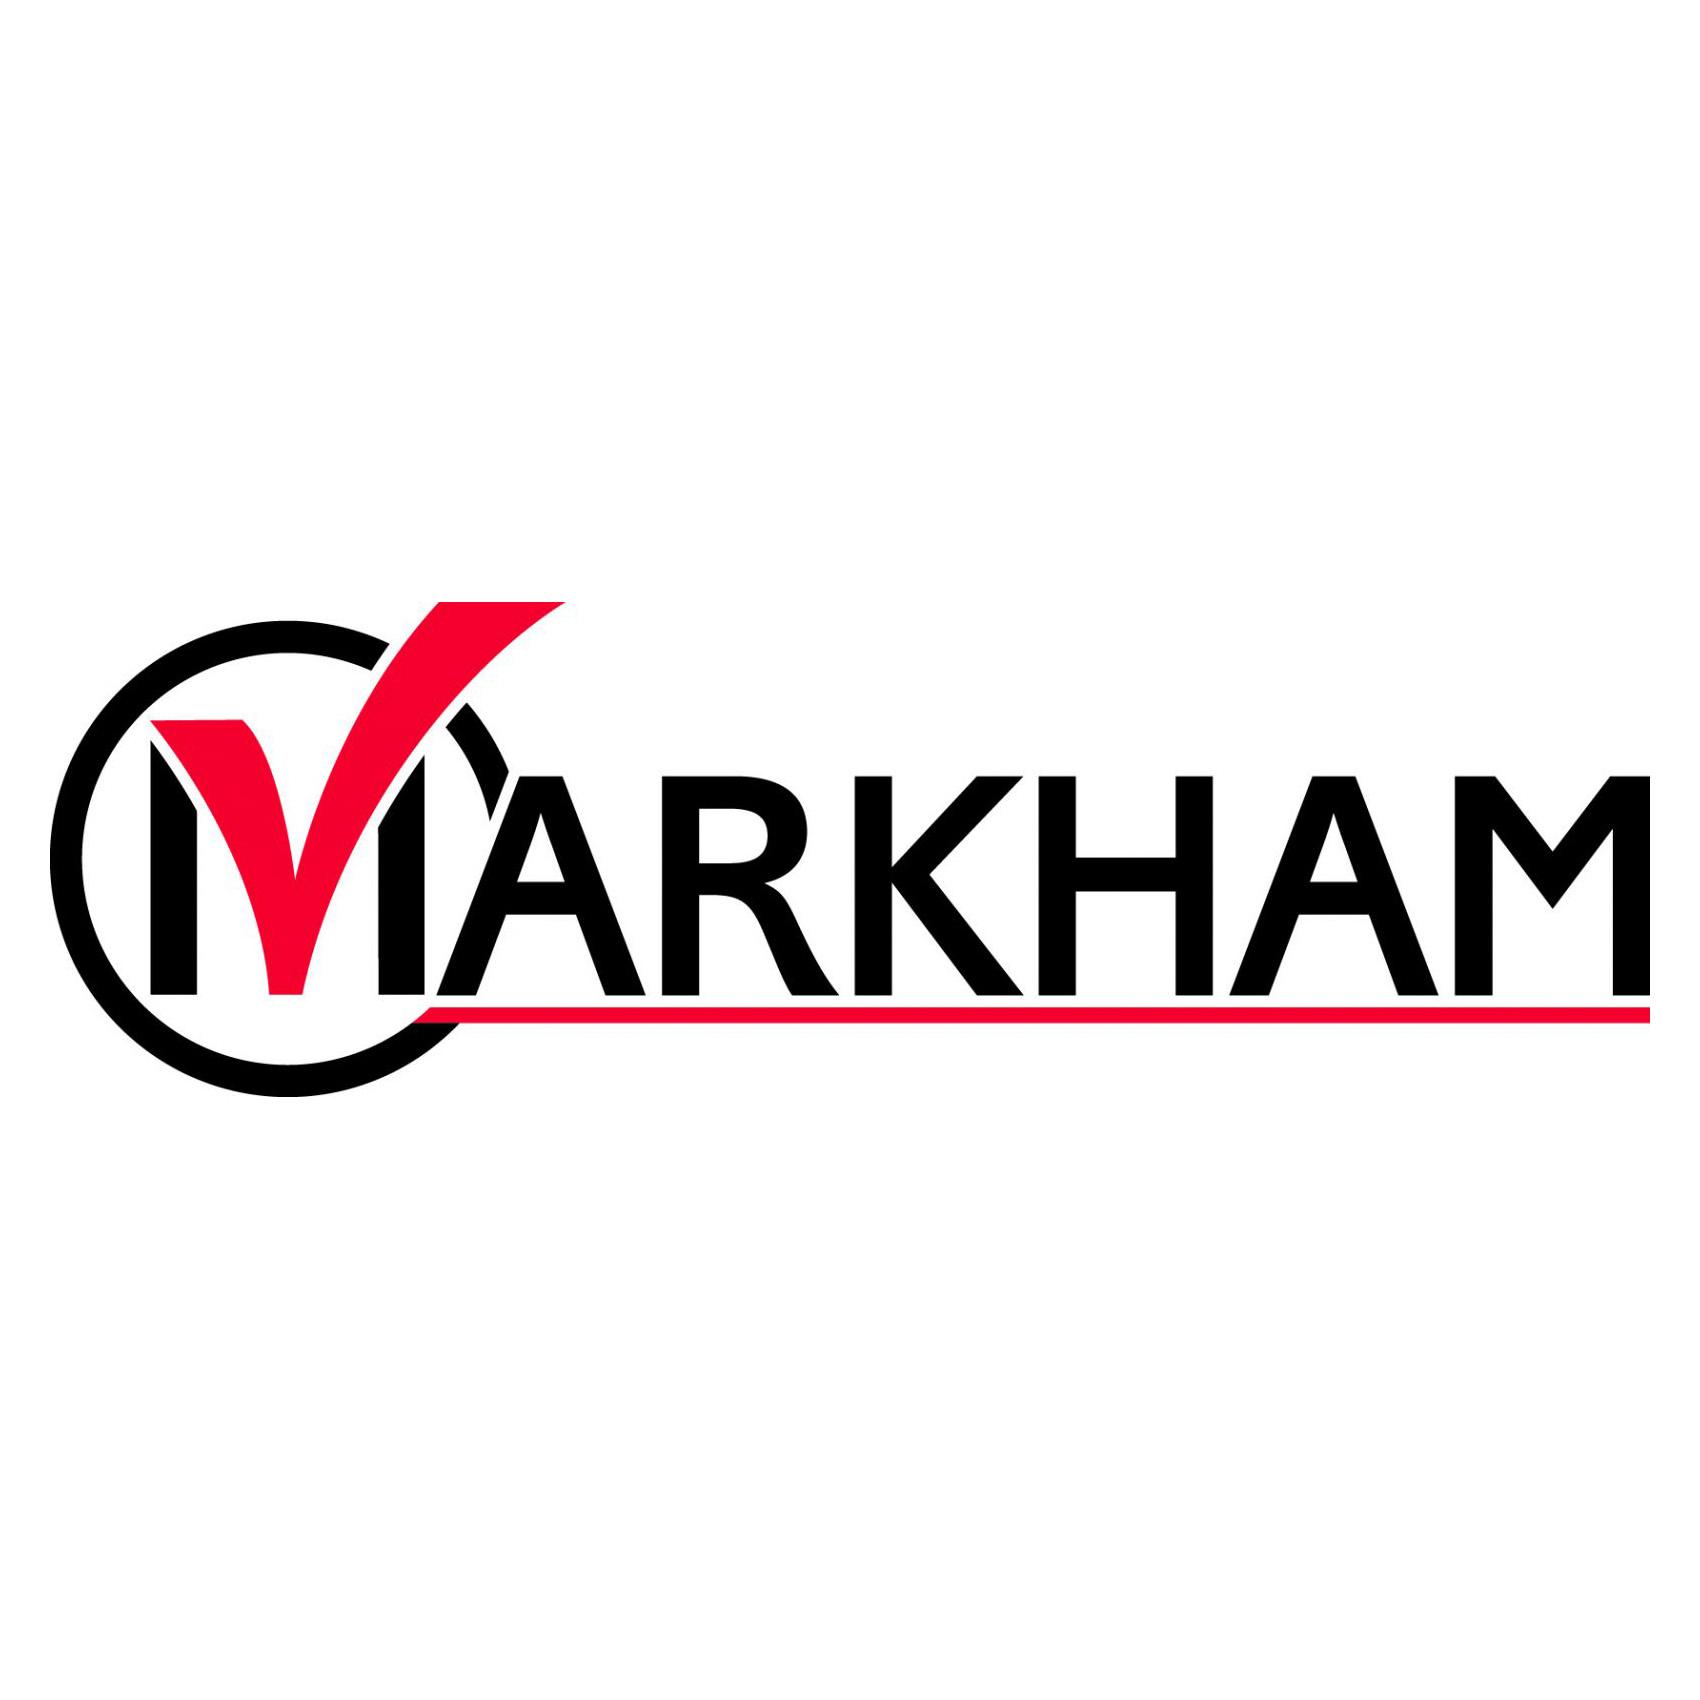 city of markham logo